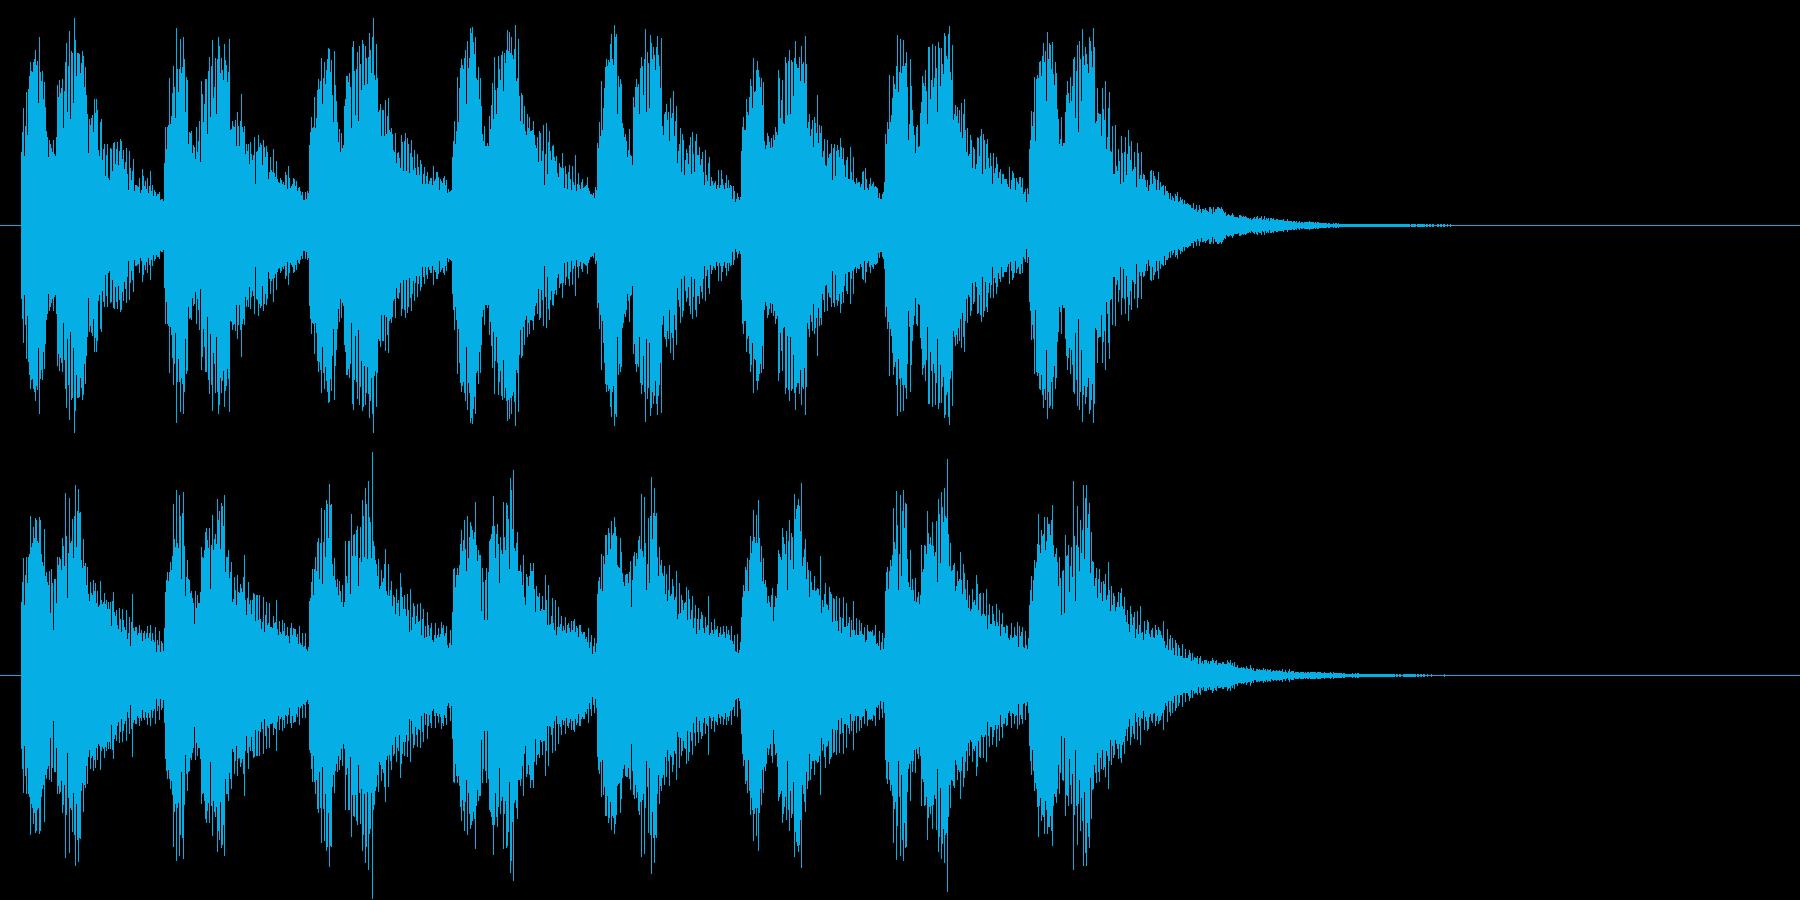 警告・警報・サイレン・ブザー#7(残響)の再生済みの波形